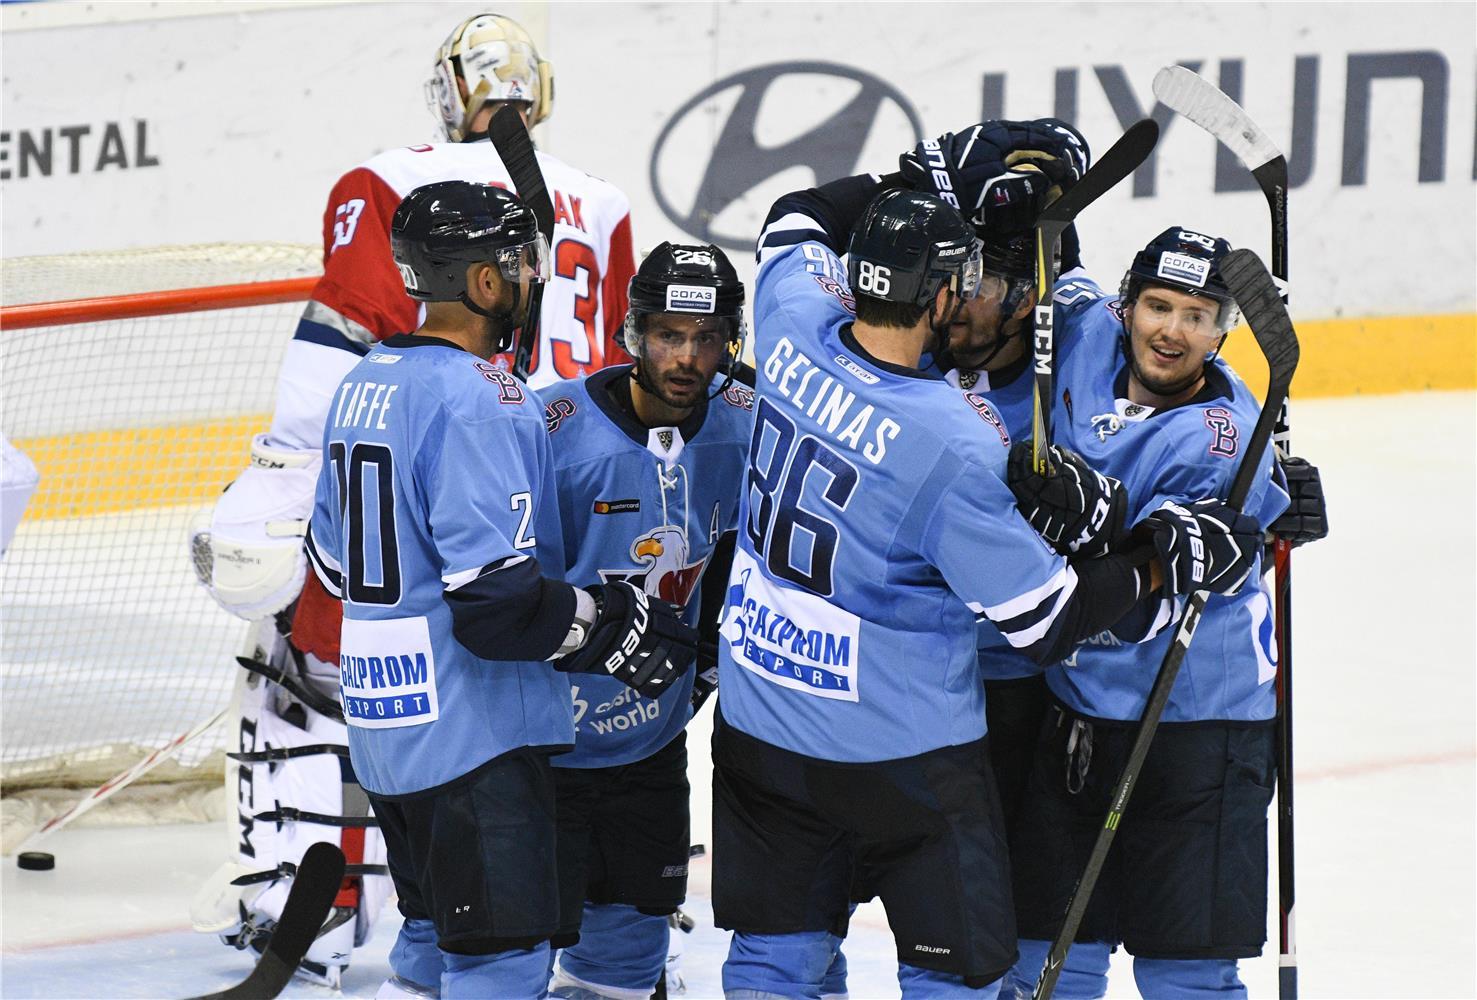 BRATISLAVA 12. októbra (SITA) - Hráči HC Slovan Bratislava získali v rámci  štvorzápasovej série zápasov na klziskách súperov štyri body a v tabuľke  Západnej ... 0a427fe9460